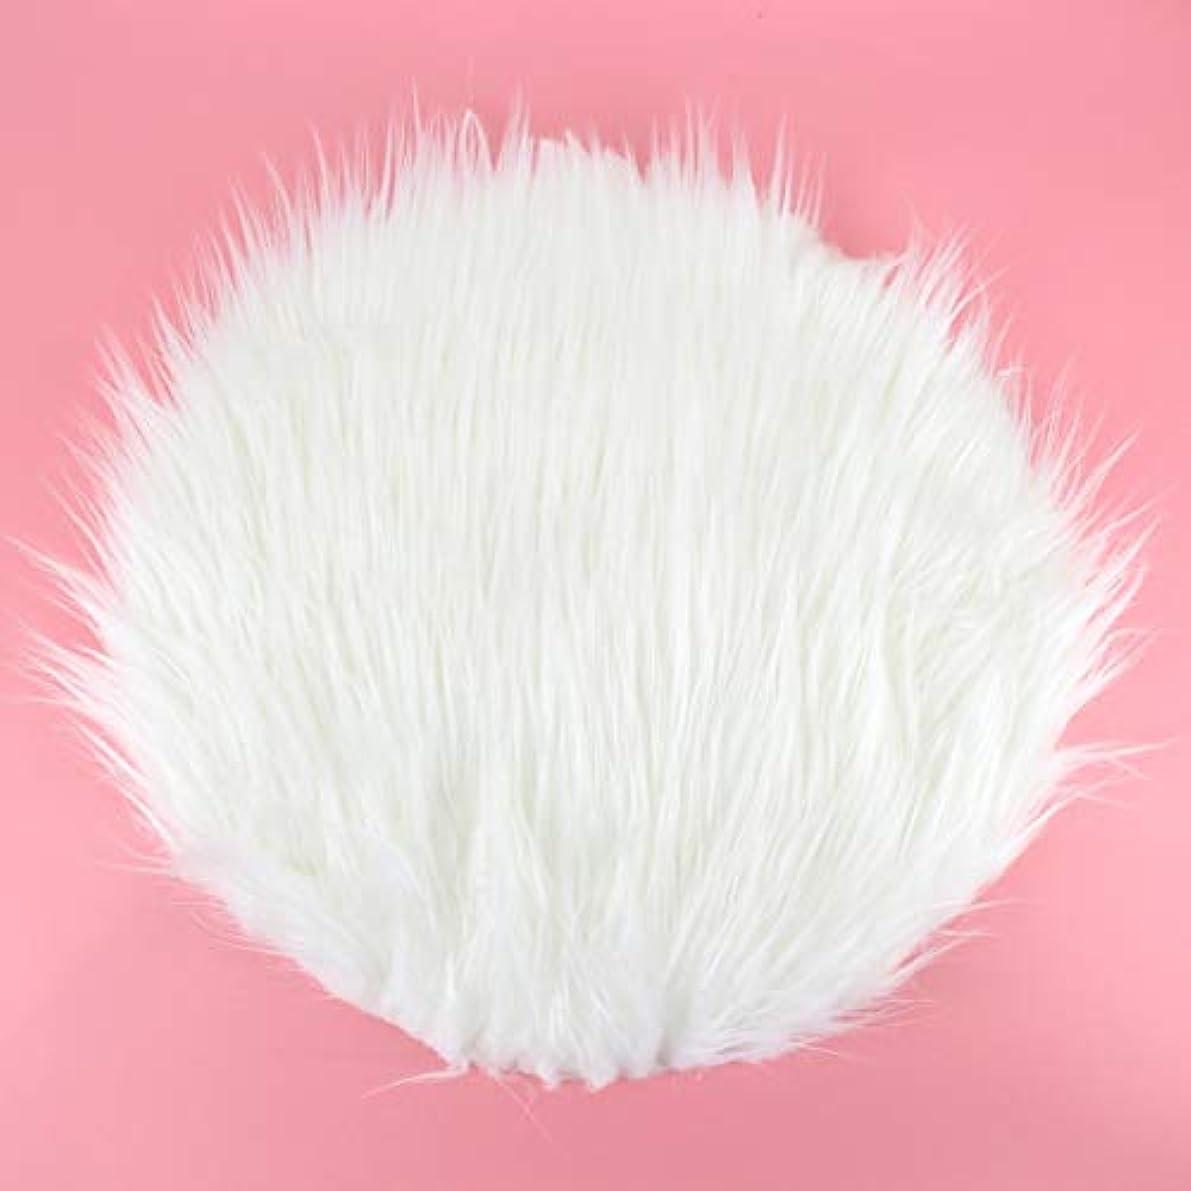 待って結核ペンラウンドぬいぐるみカーペット快適なシルクぬいぐるみノンスリップマットホームリビングルームの寝室の床の敷物純色家デコレータ30 cm-ホワイト45 CM